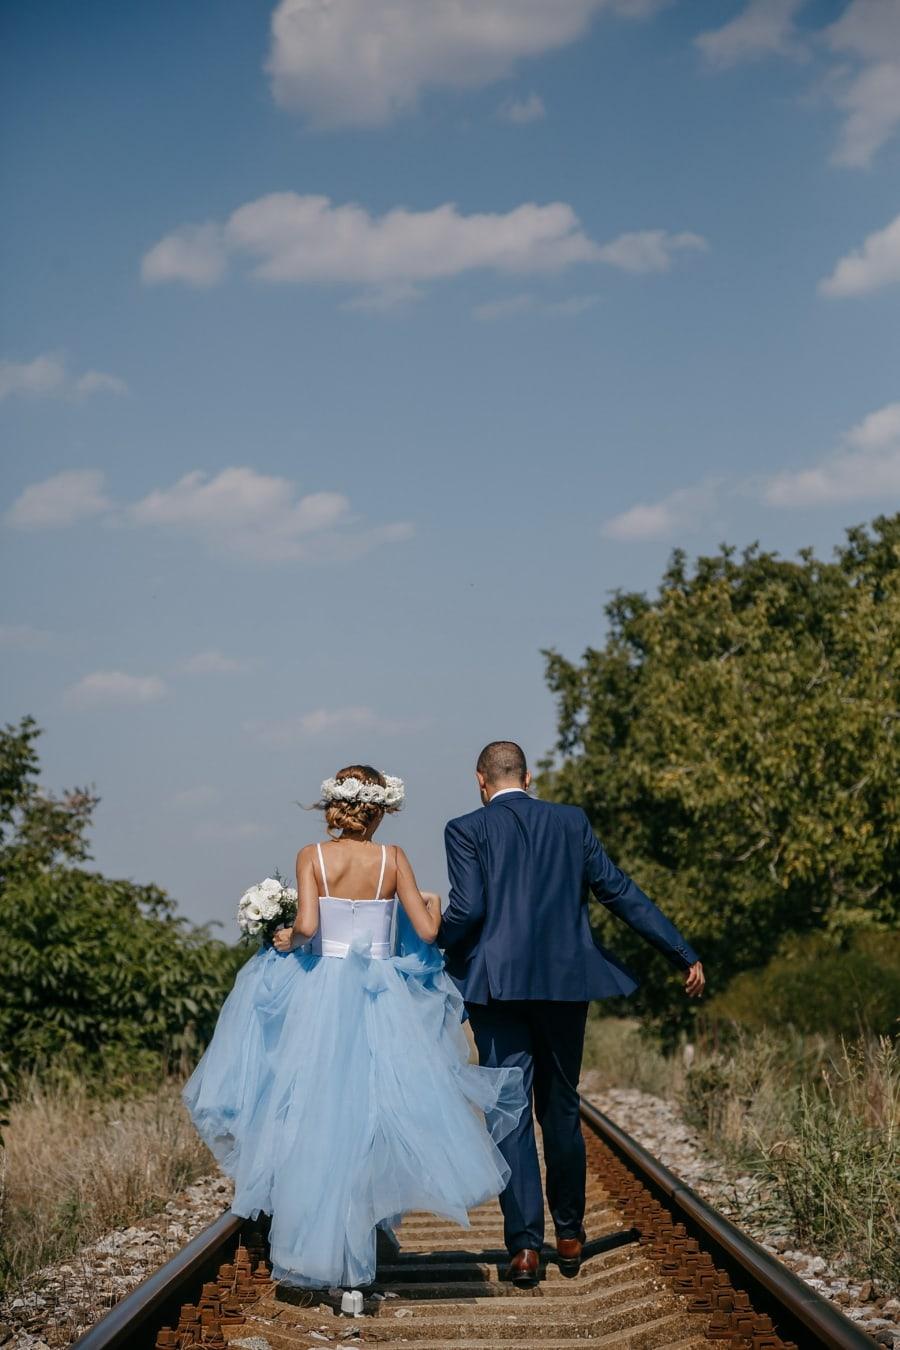 hạnh phúc, vợ chồng mới cưới, đường sắt, đường sắt, đám cưới, cô dâu, chú rể, ăn mặc, Yêu, lãng mạn